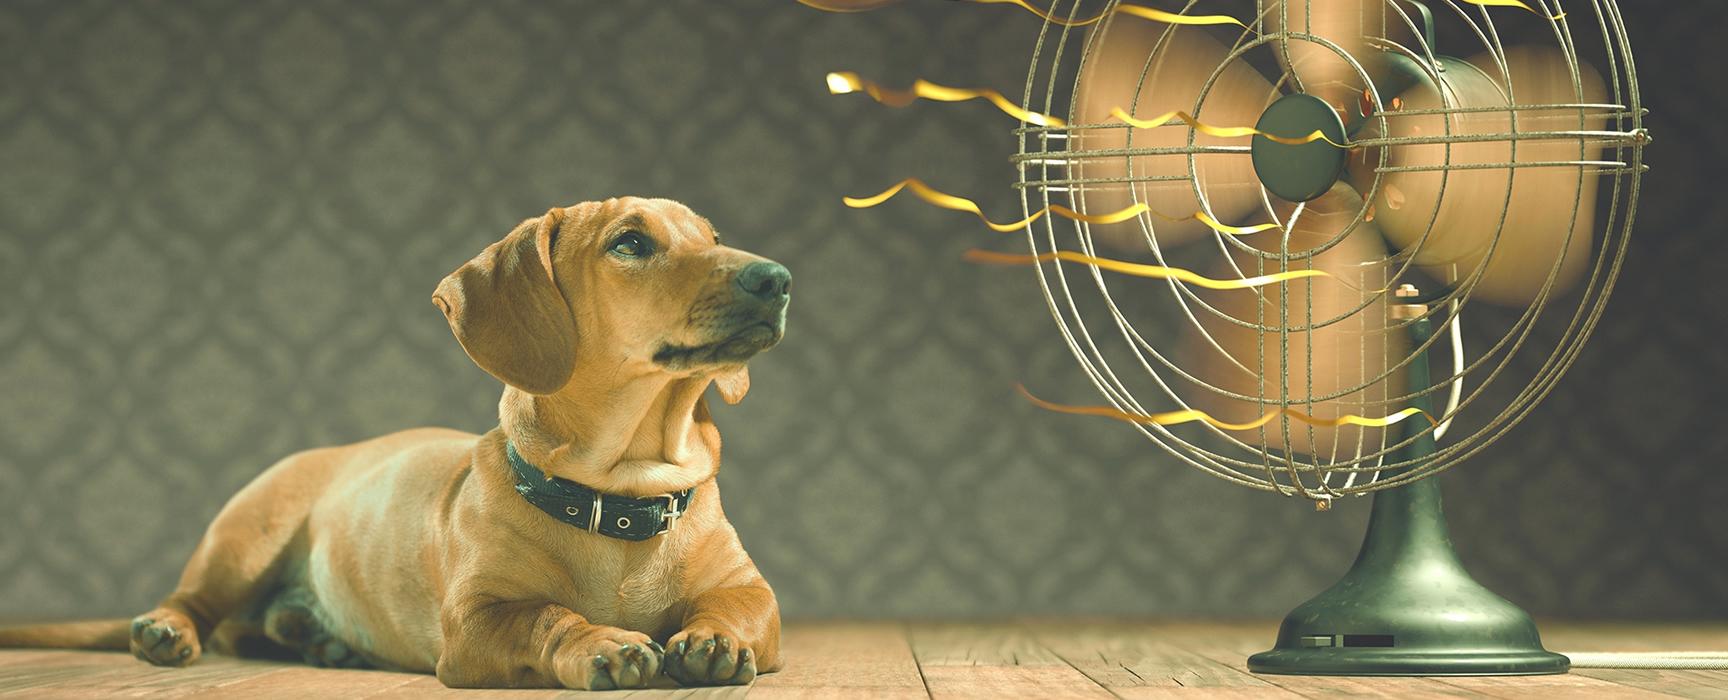 cómo evitar el calor en perros este verano